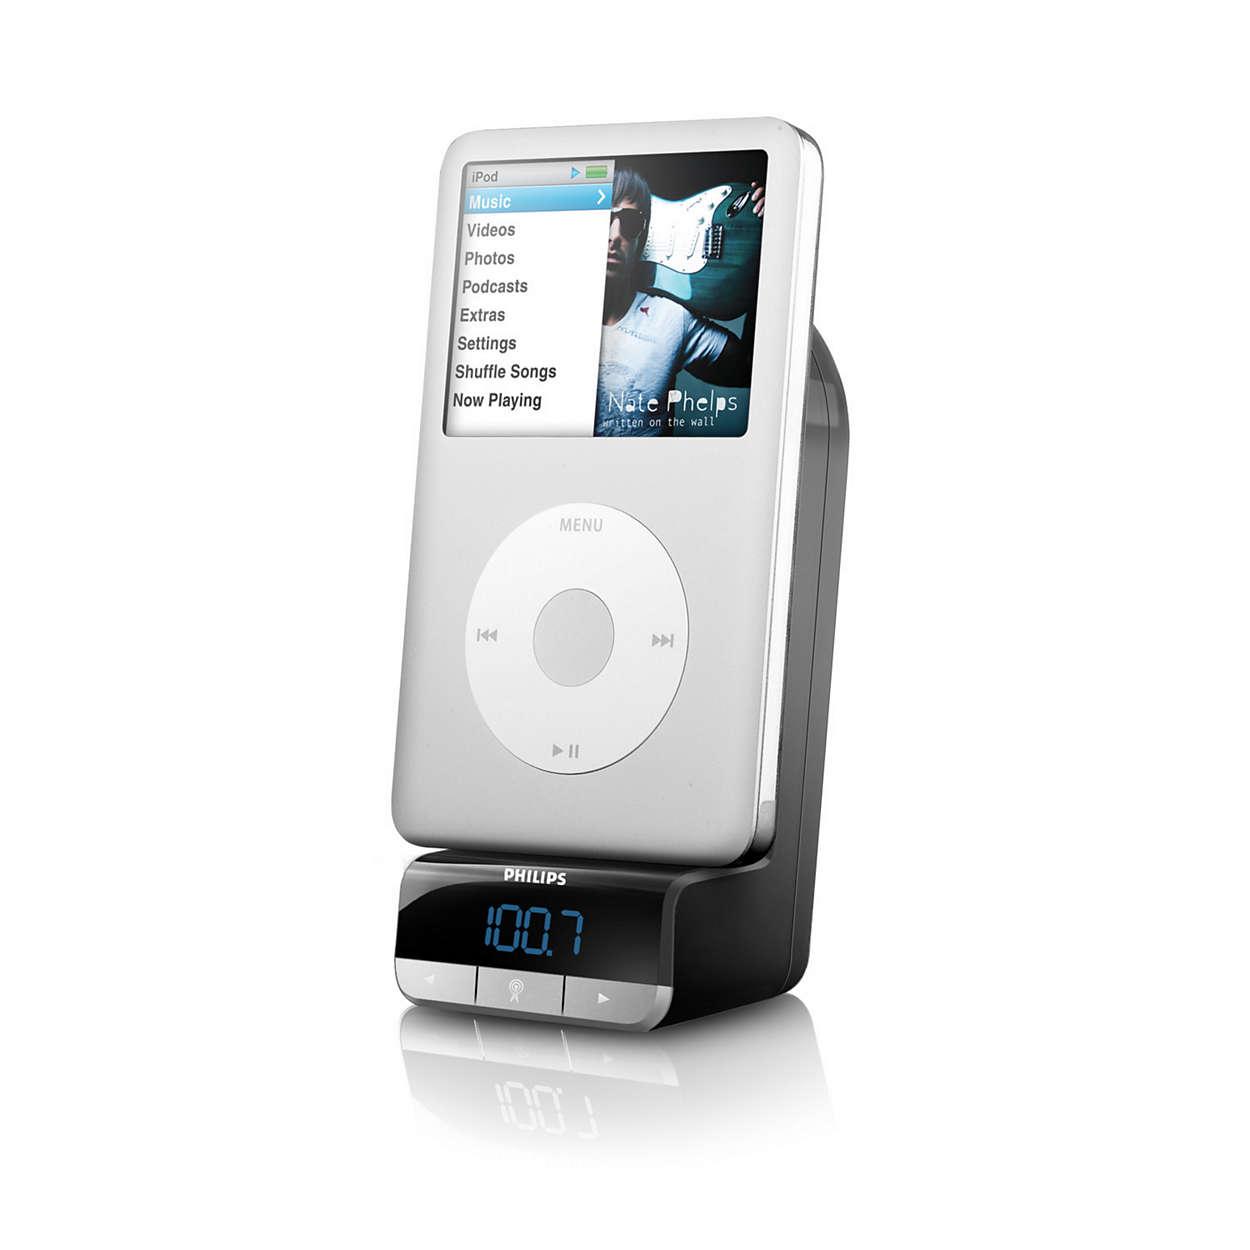 Αναπαραγωγή, φόρτιση &στήριξη του iPod στο αυτοκίνητο